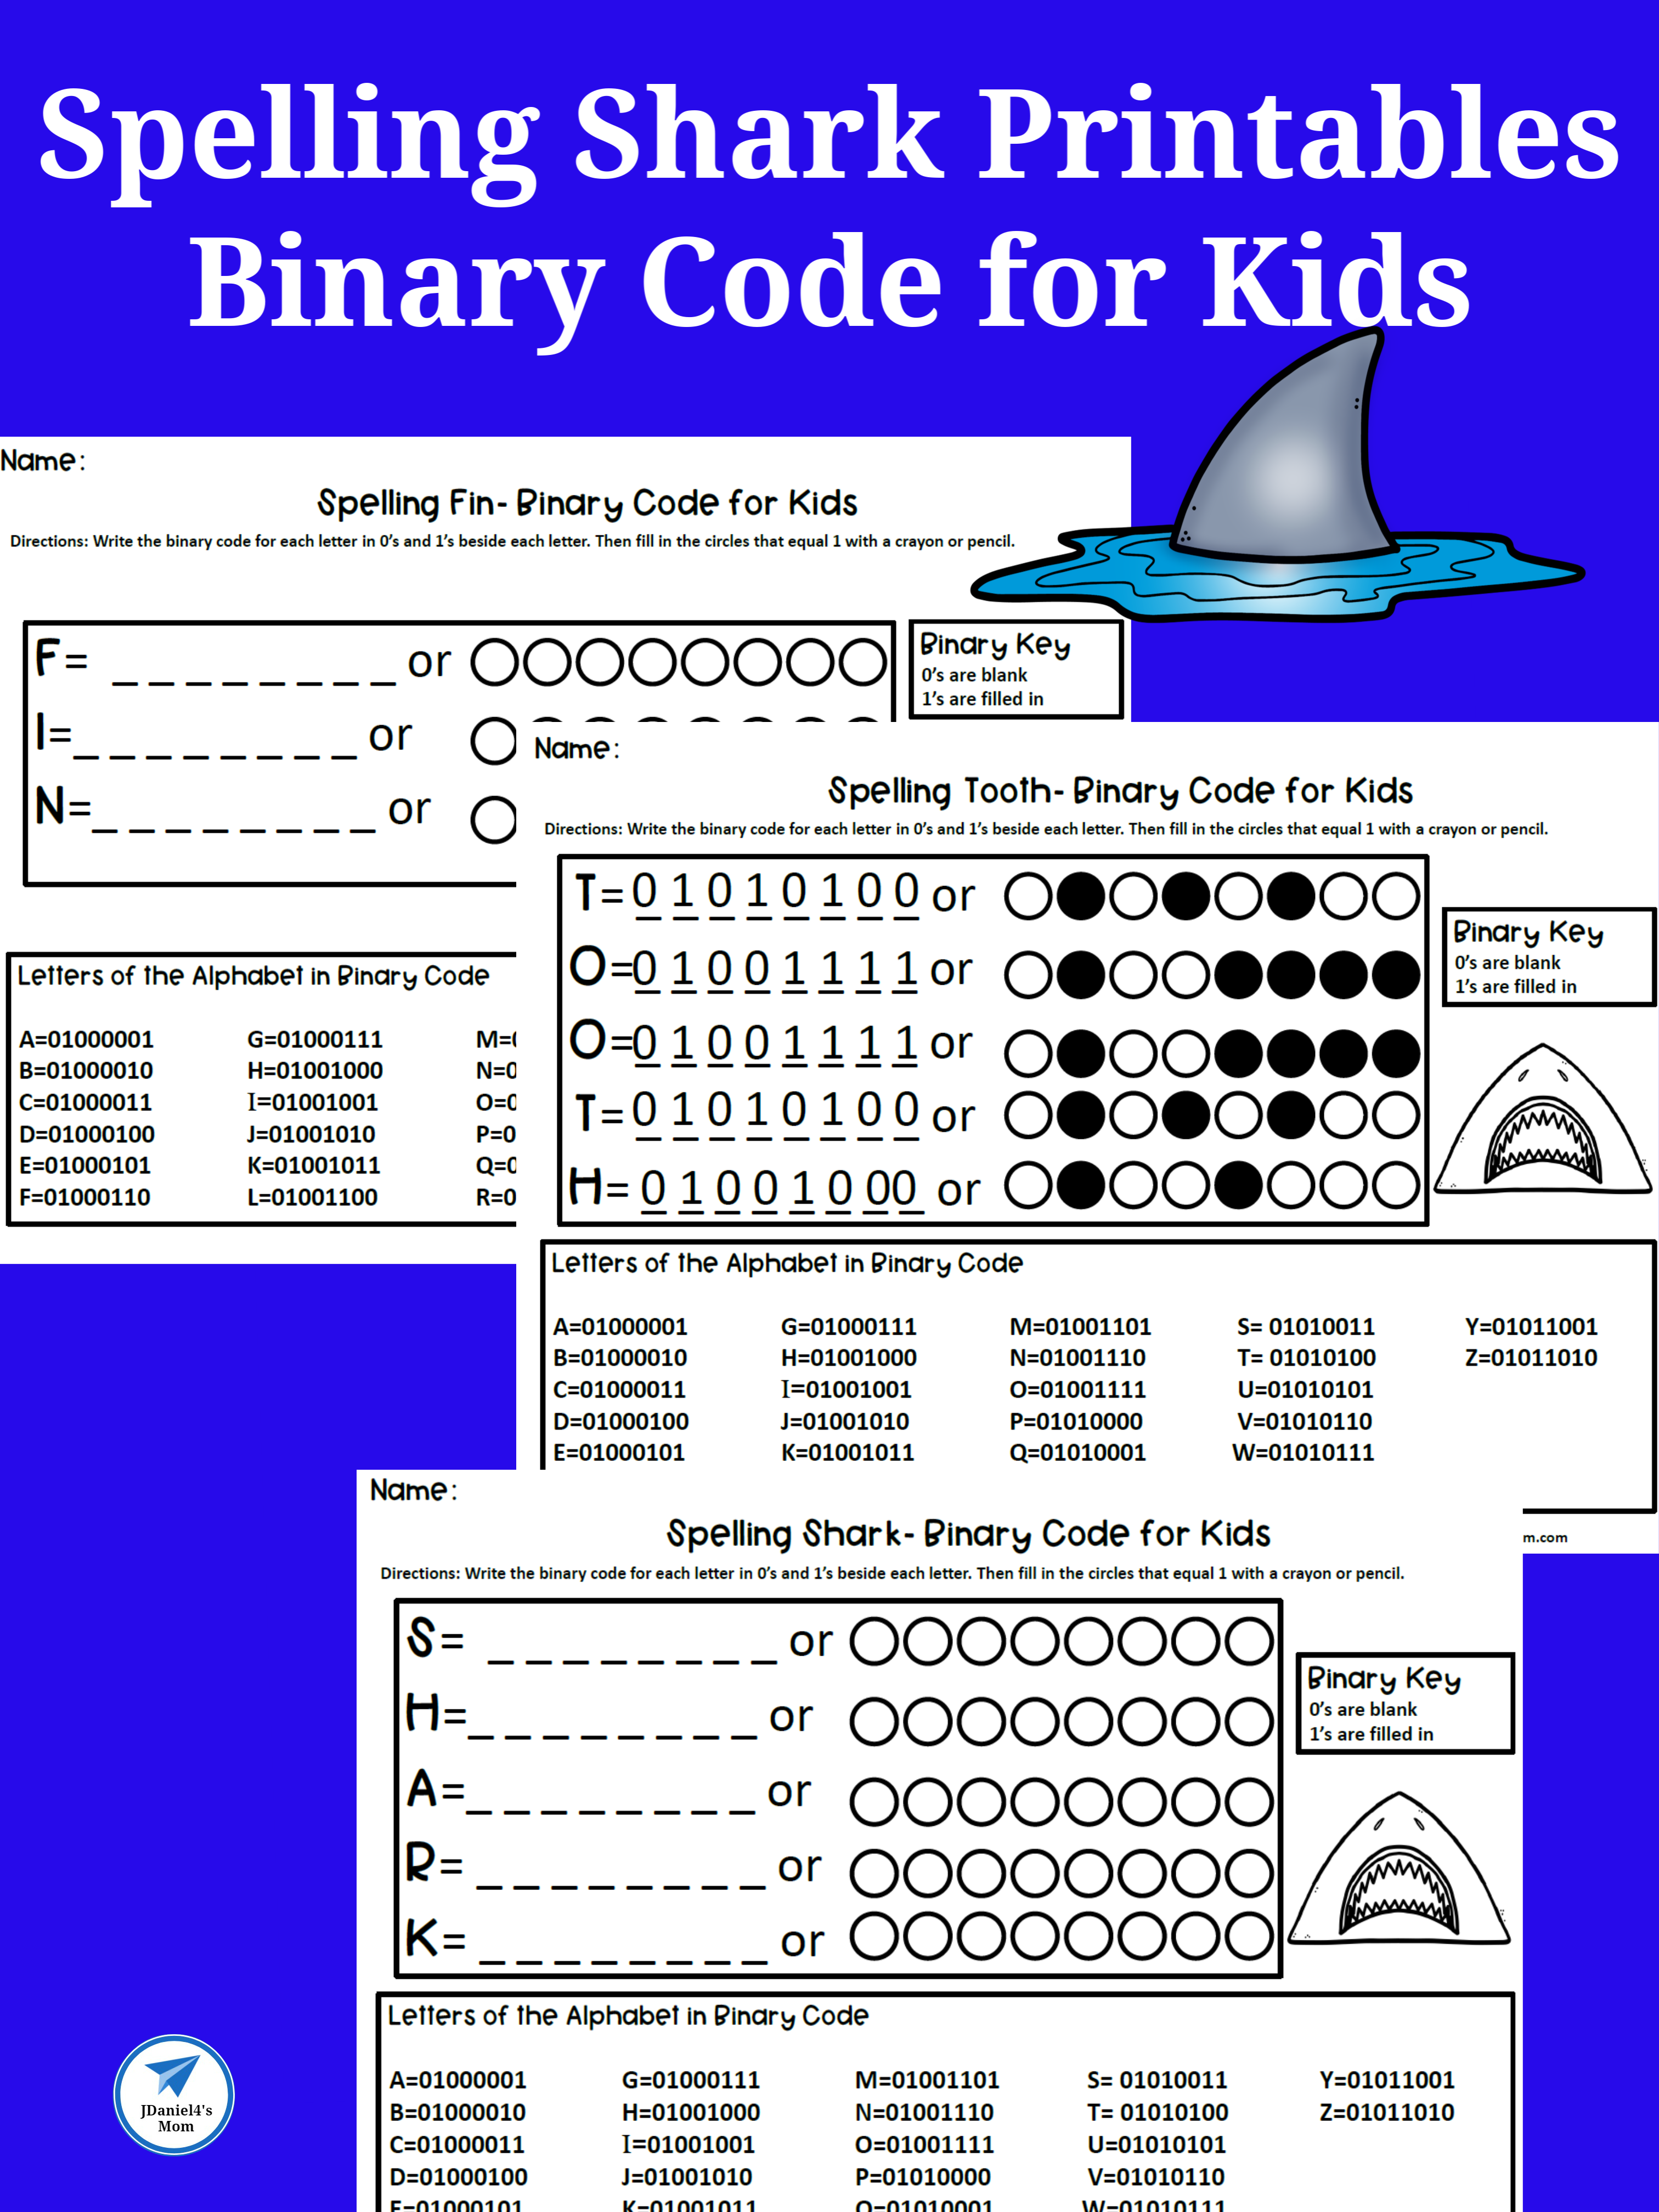 Binary Code For Kids Spelling Shark Printables